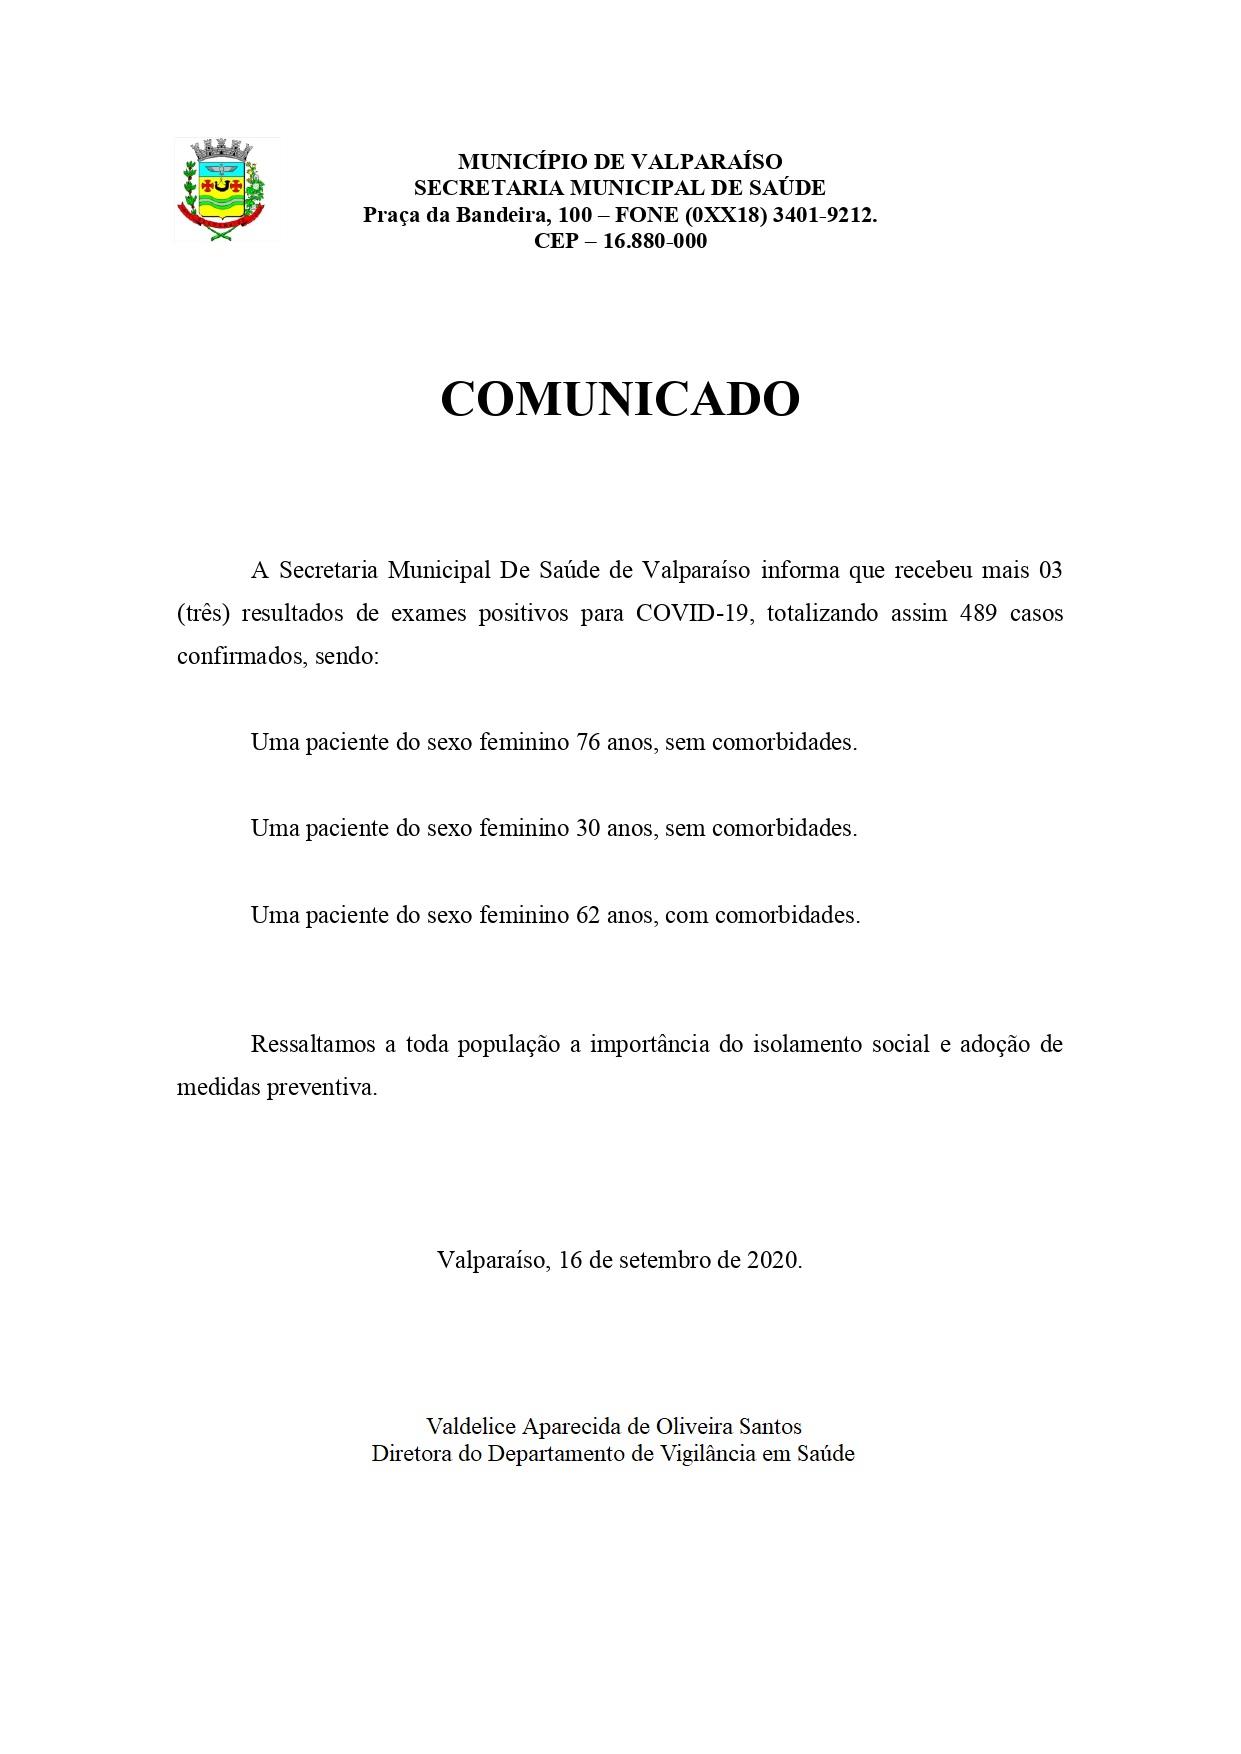 covid489